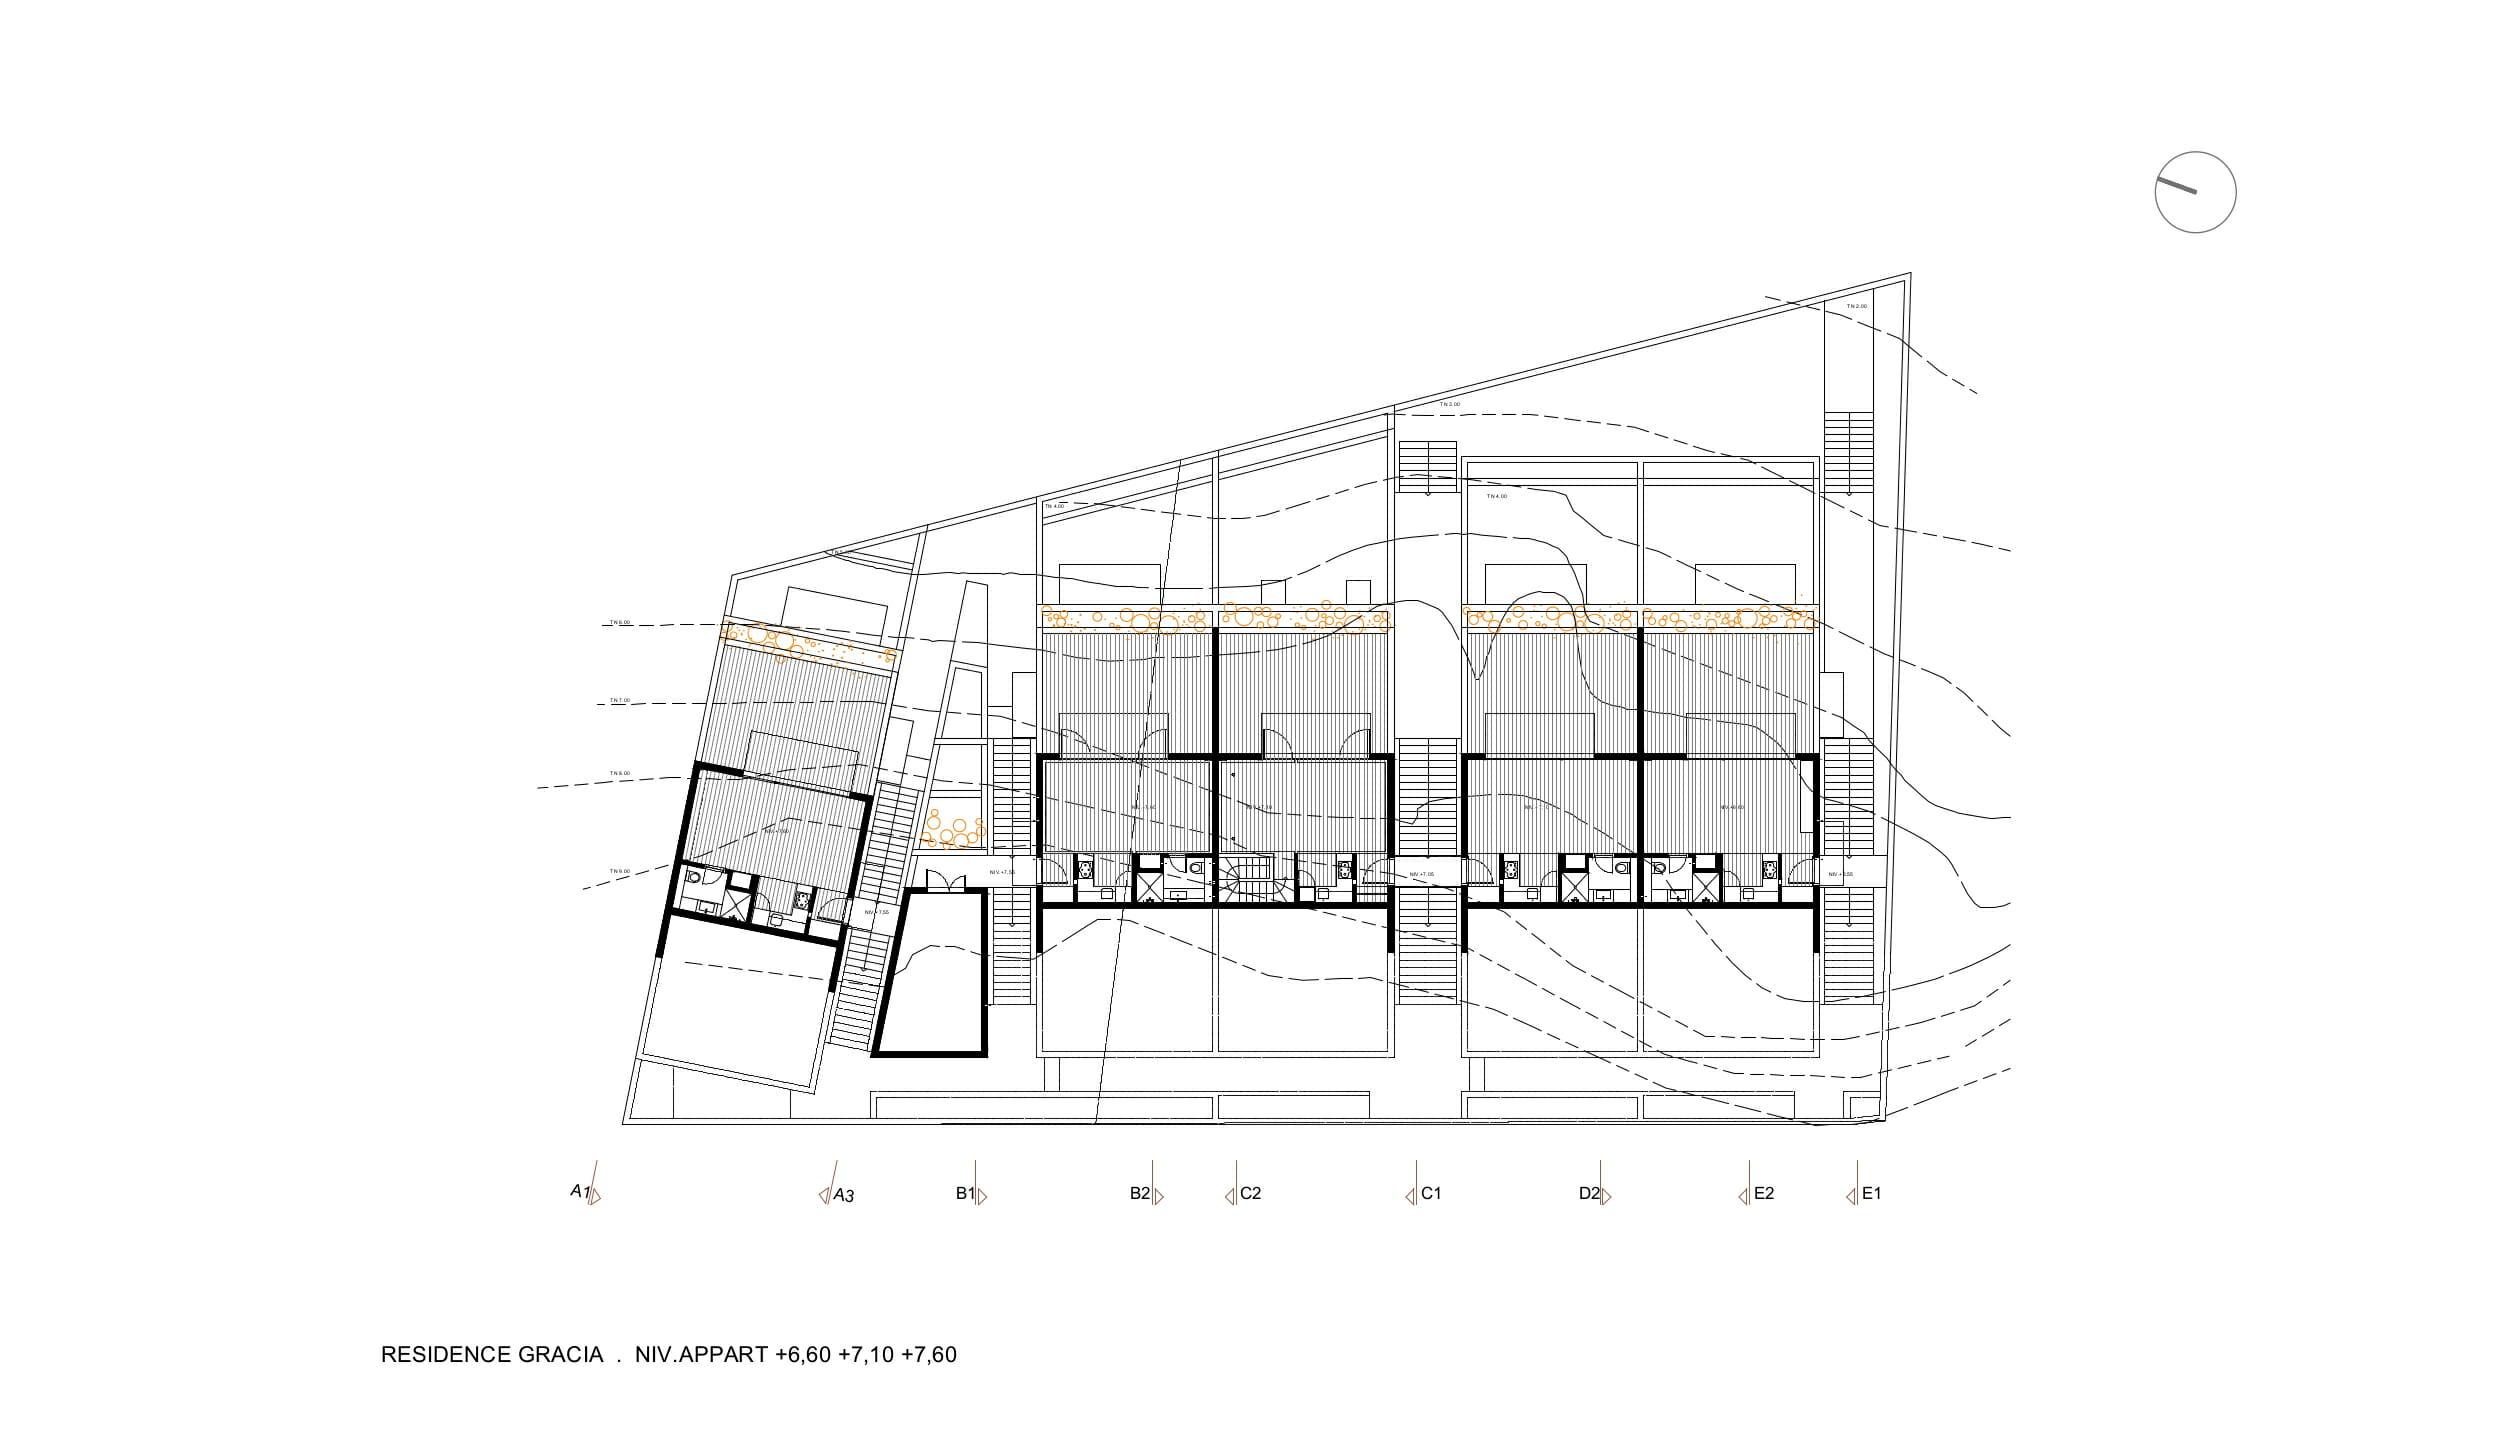 GRACIA.plan 02-appart +6.60